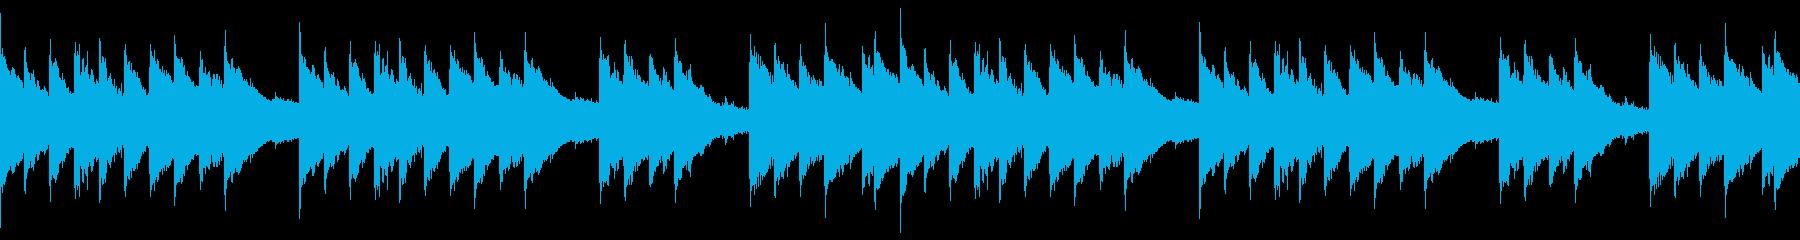 ピアノと鉄琴が3拍子で絡む不気味なBGMの再生済みの波形